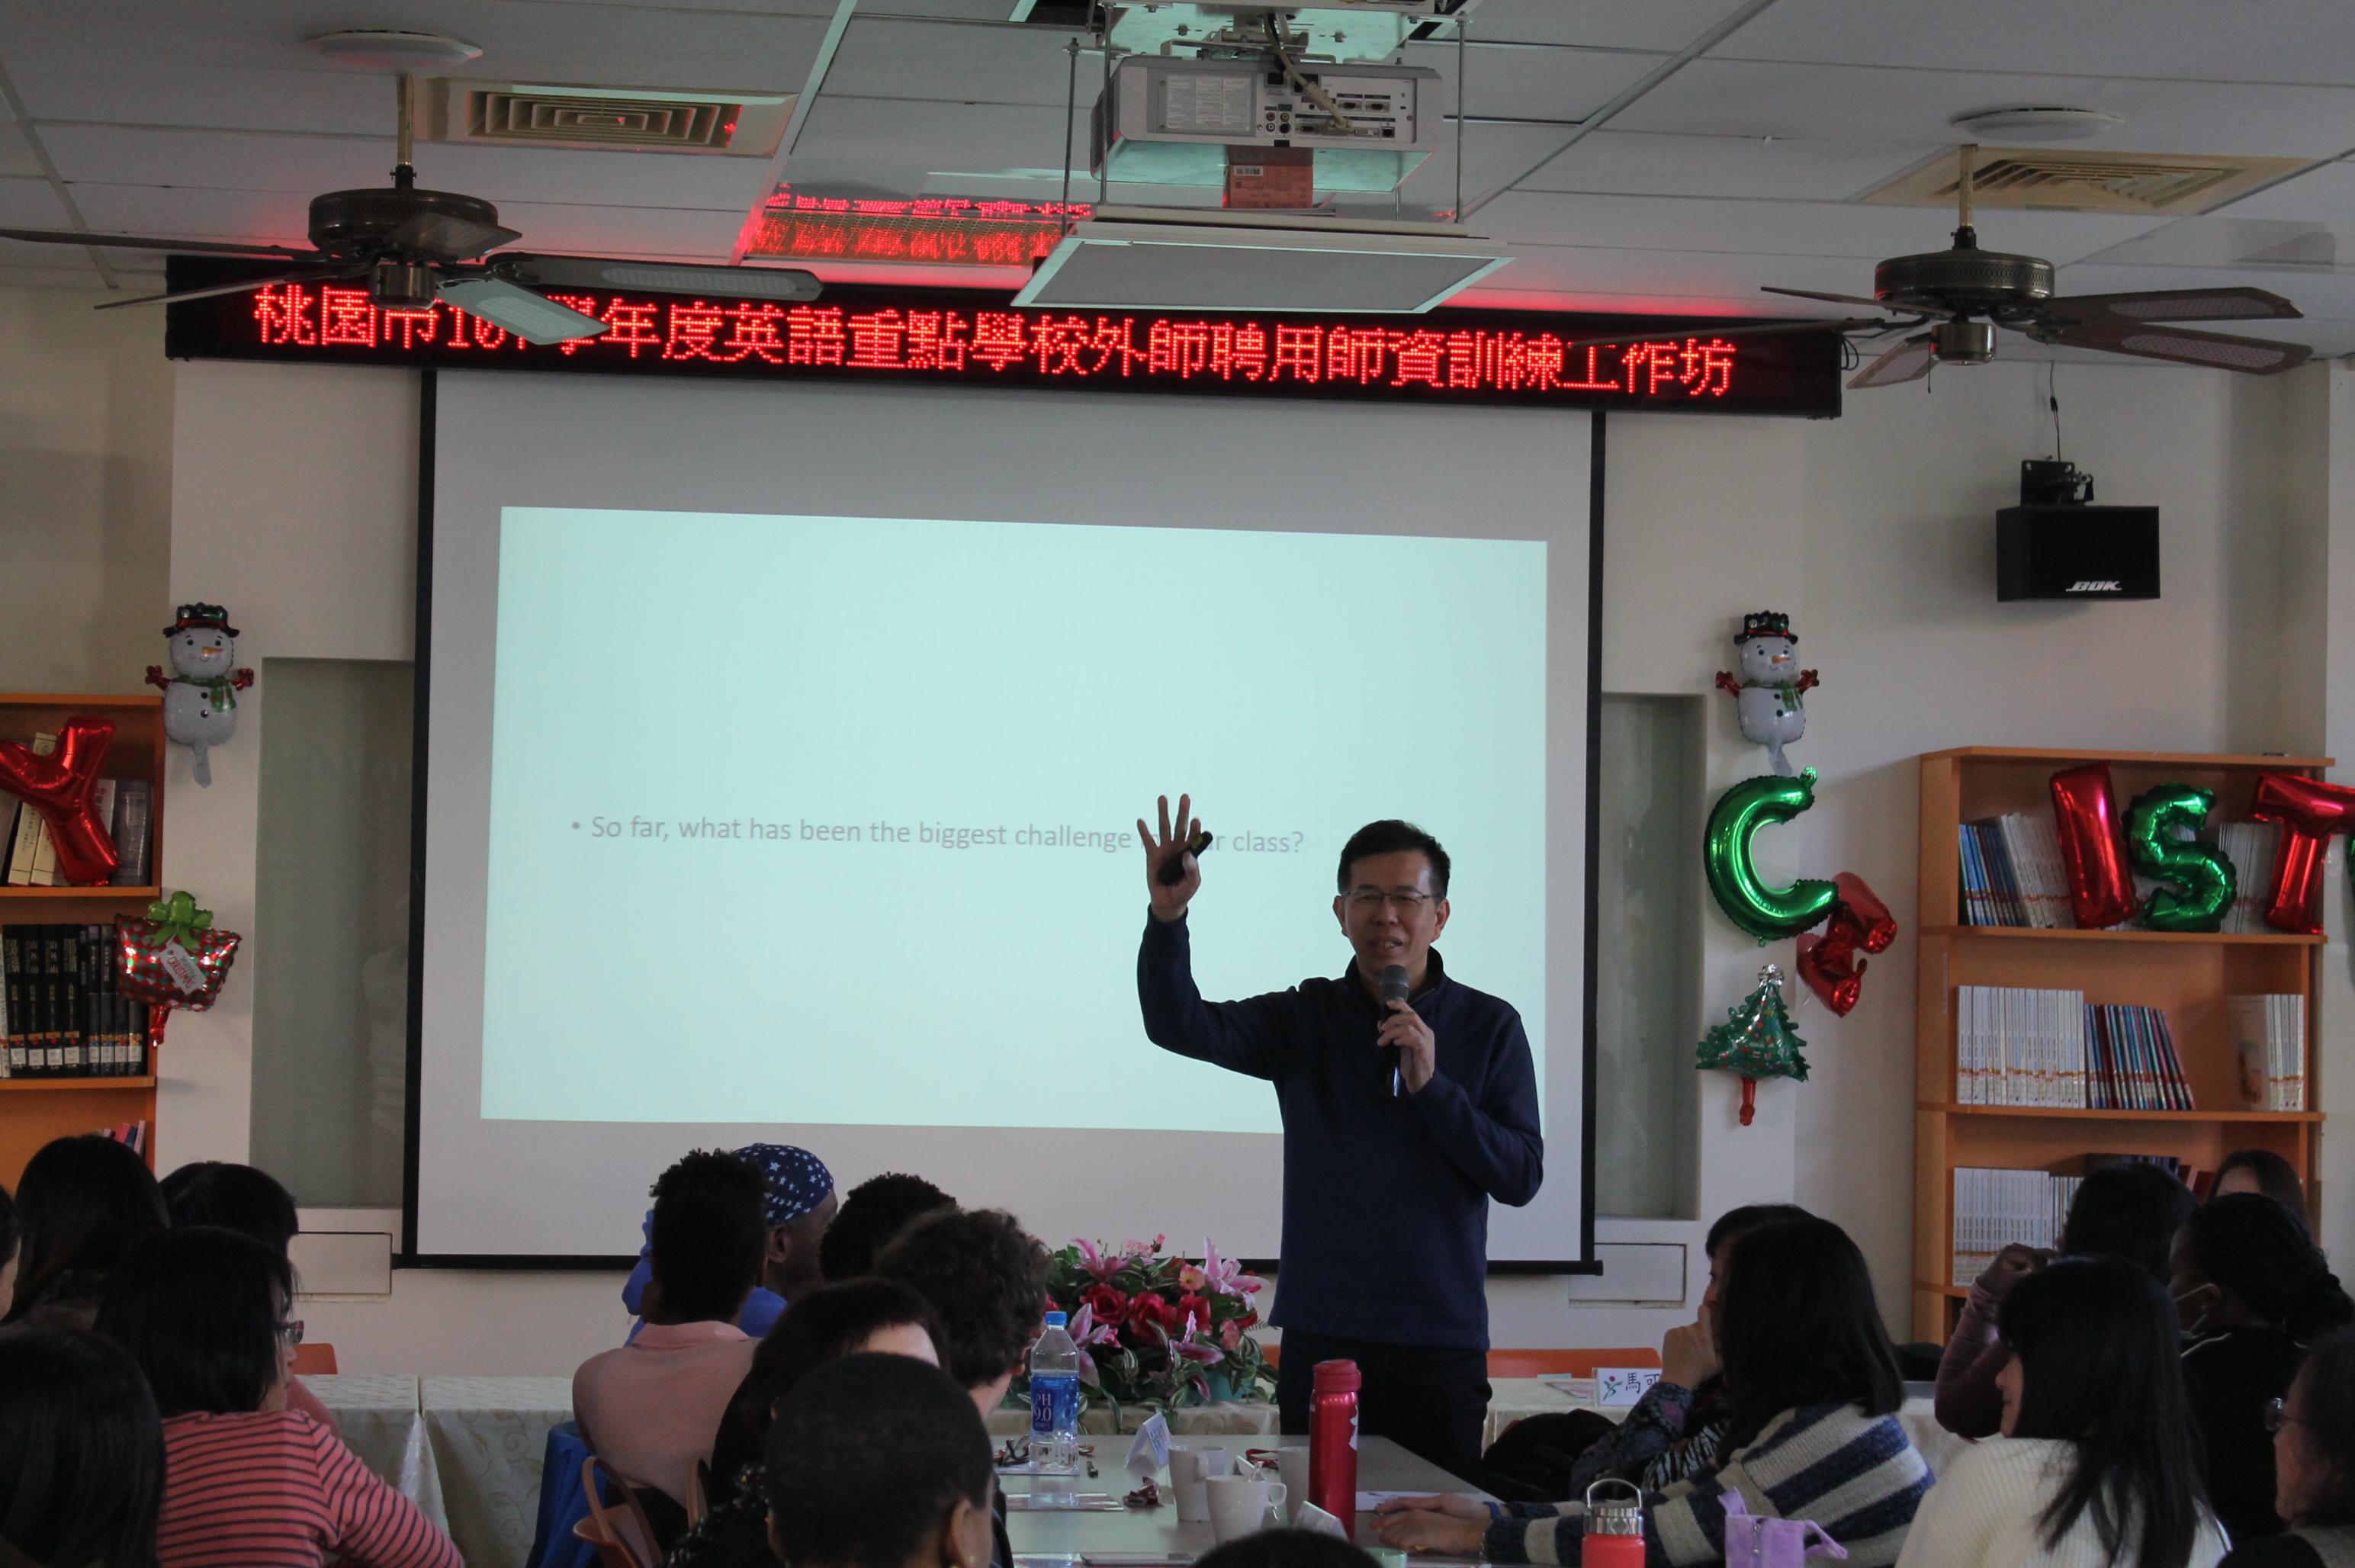 1071218 外師師訓與餐敘 - 陳教授專題演講 1.JPG